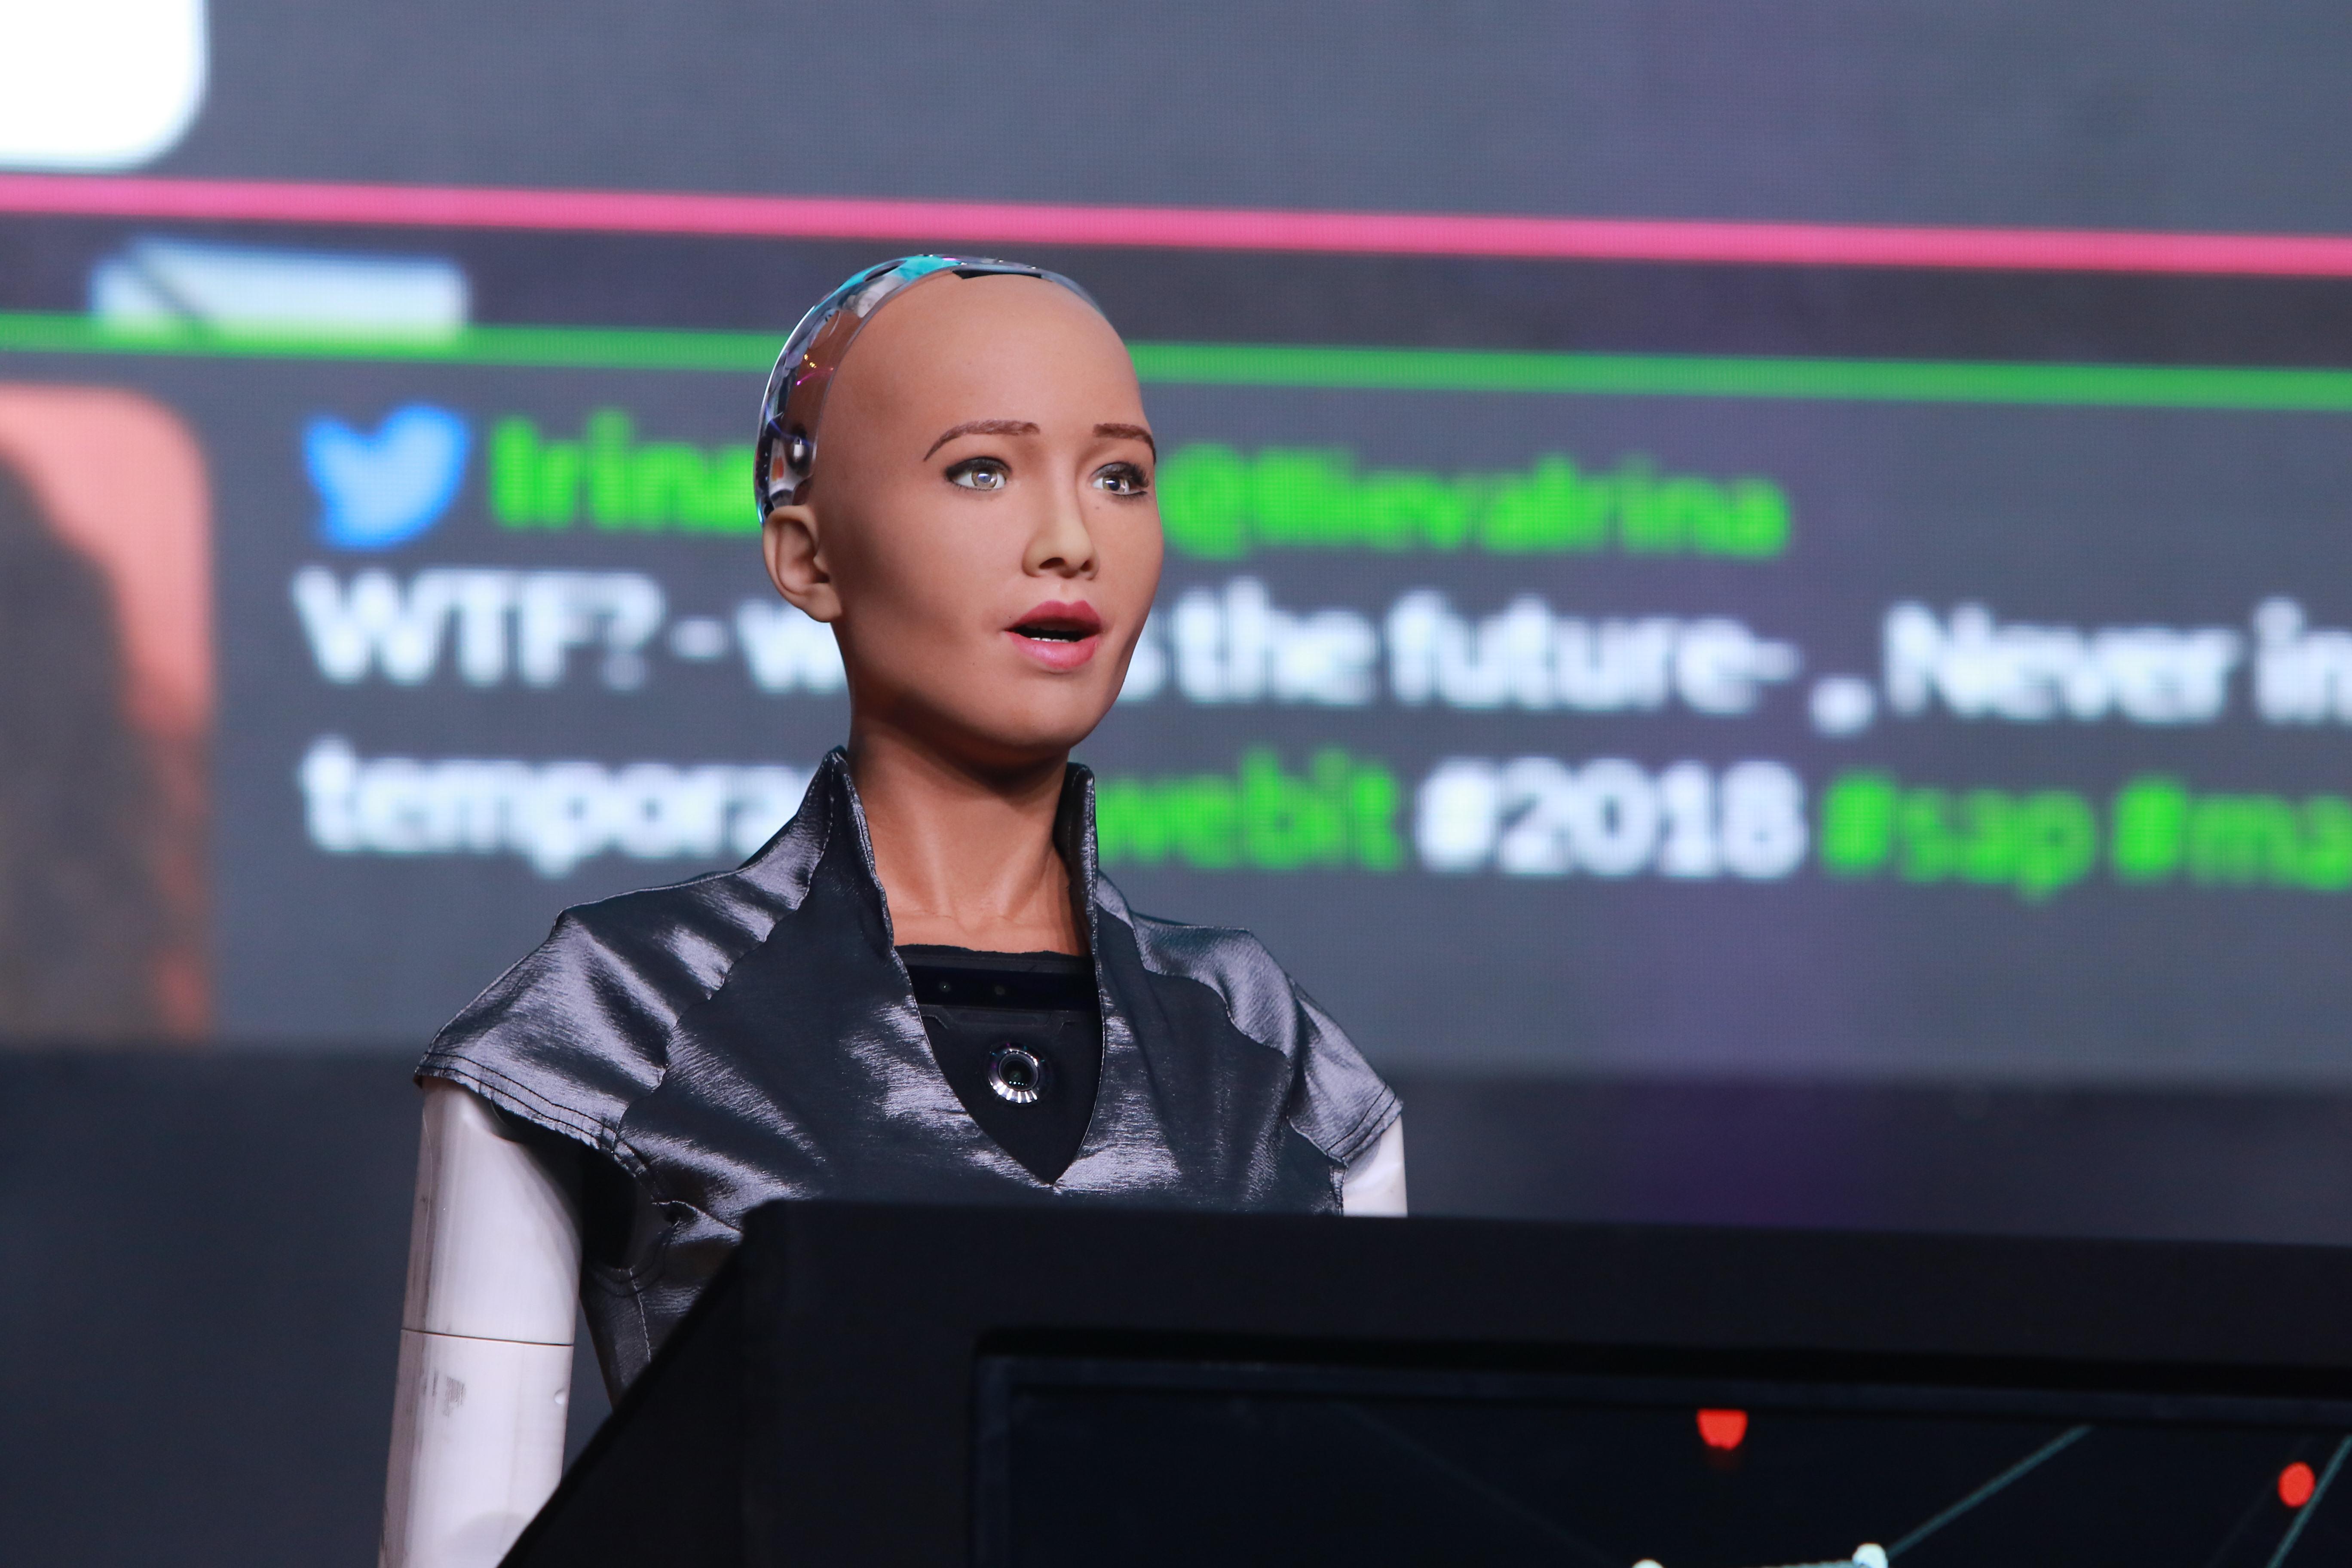 Роботът София - първият в света с гражданство, откри днес Webit.Festival Europe